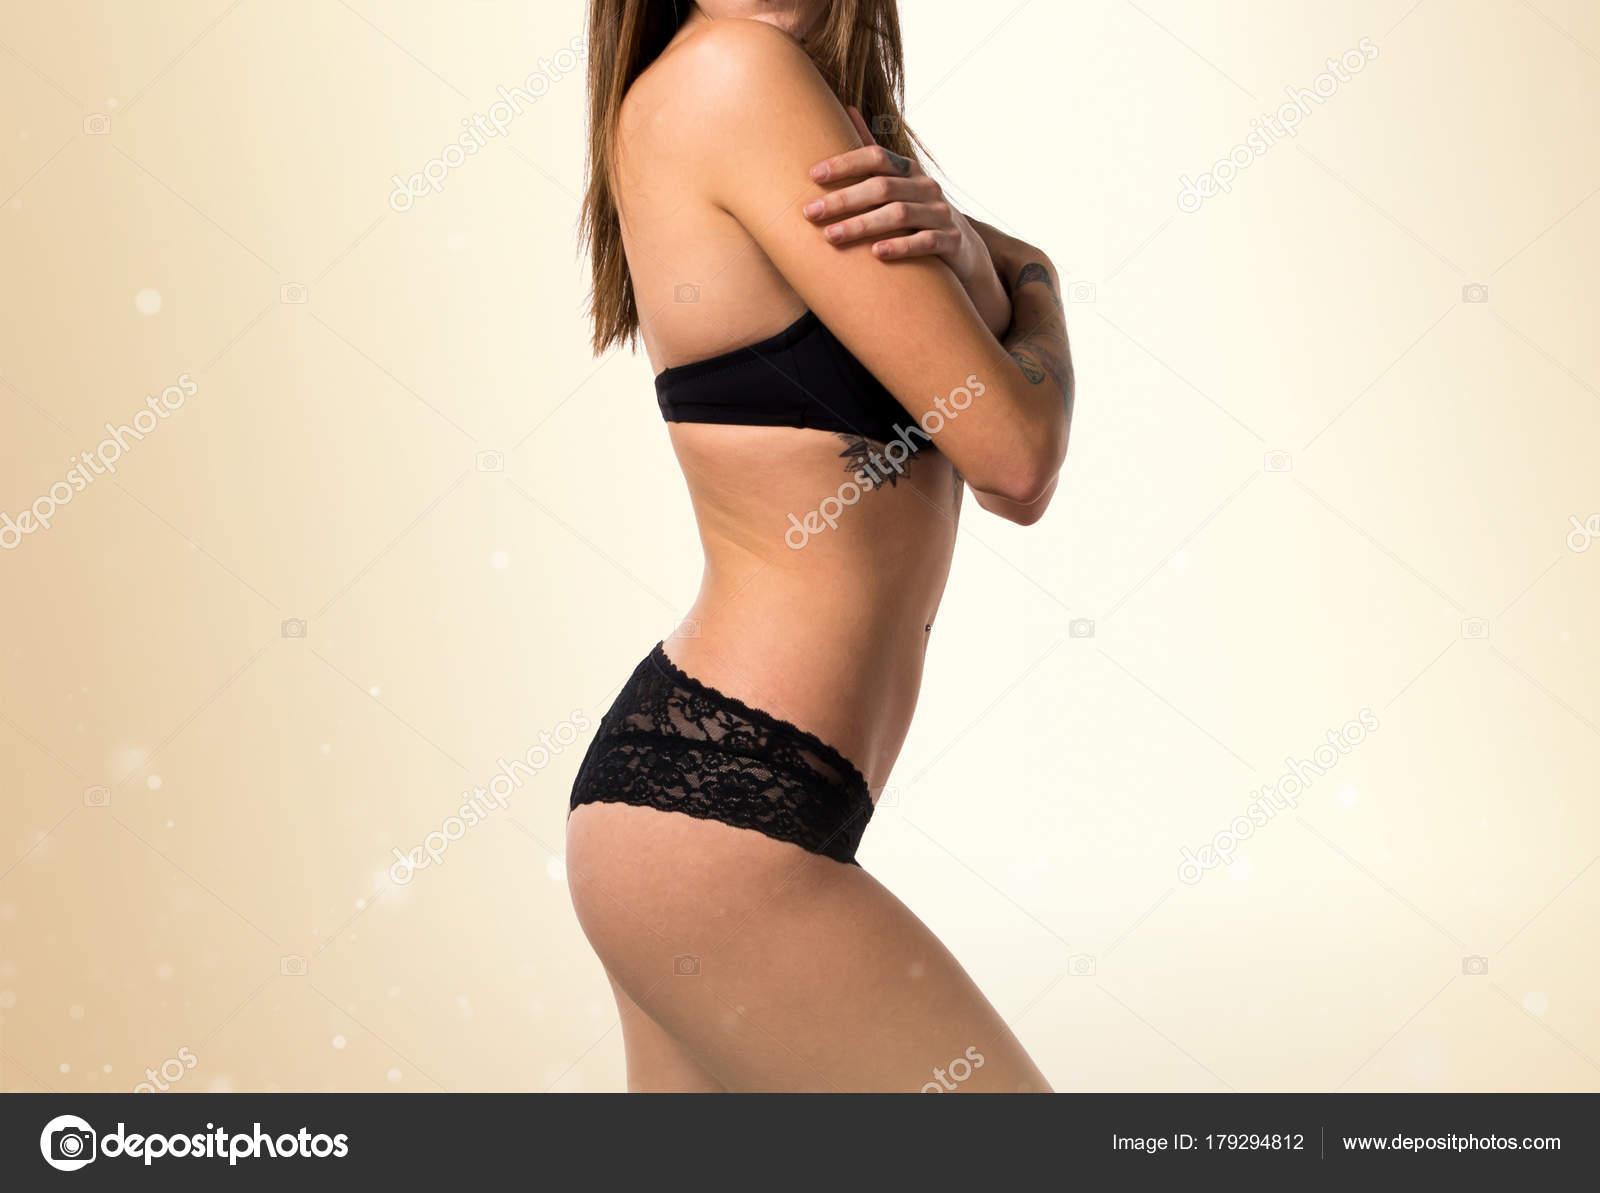 Ebano lingerie pic